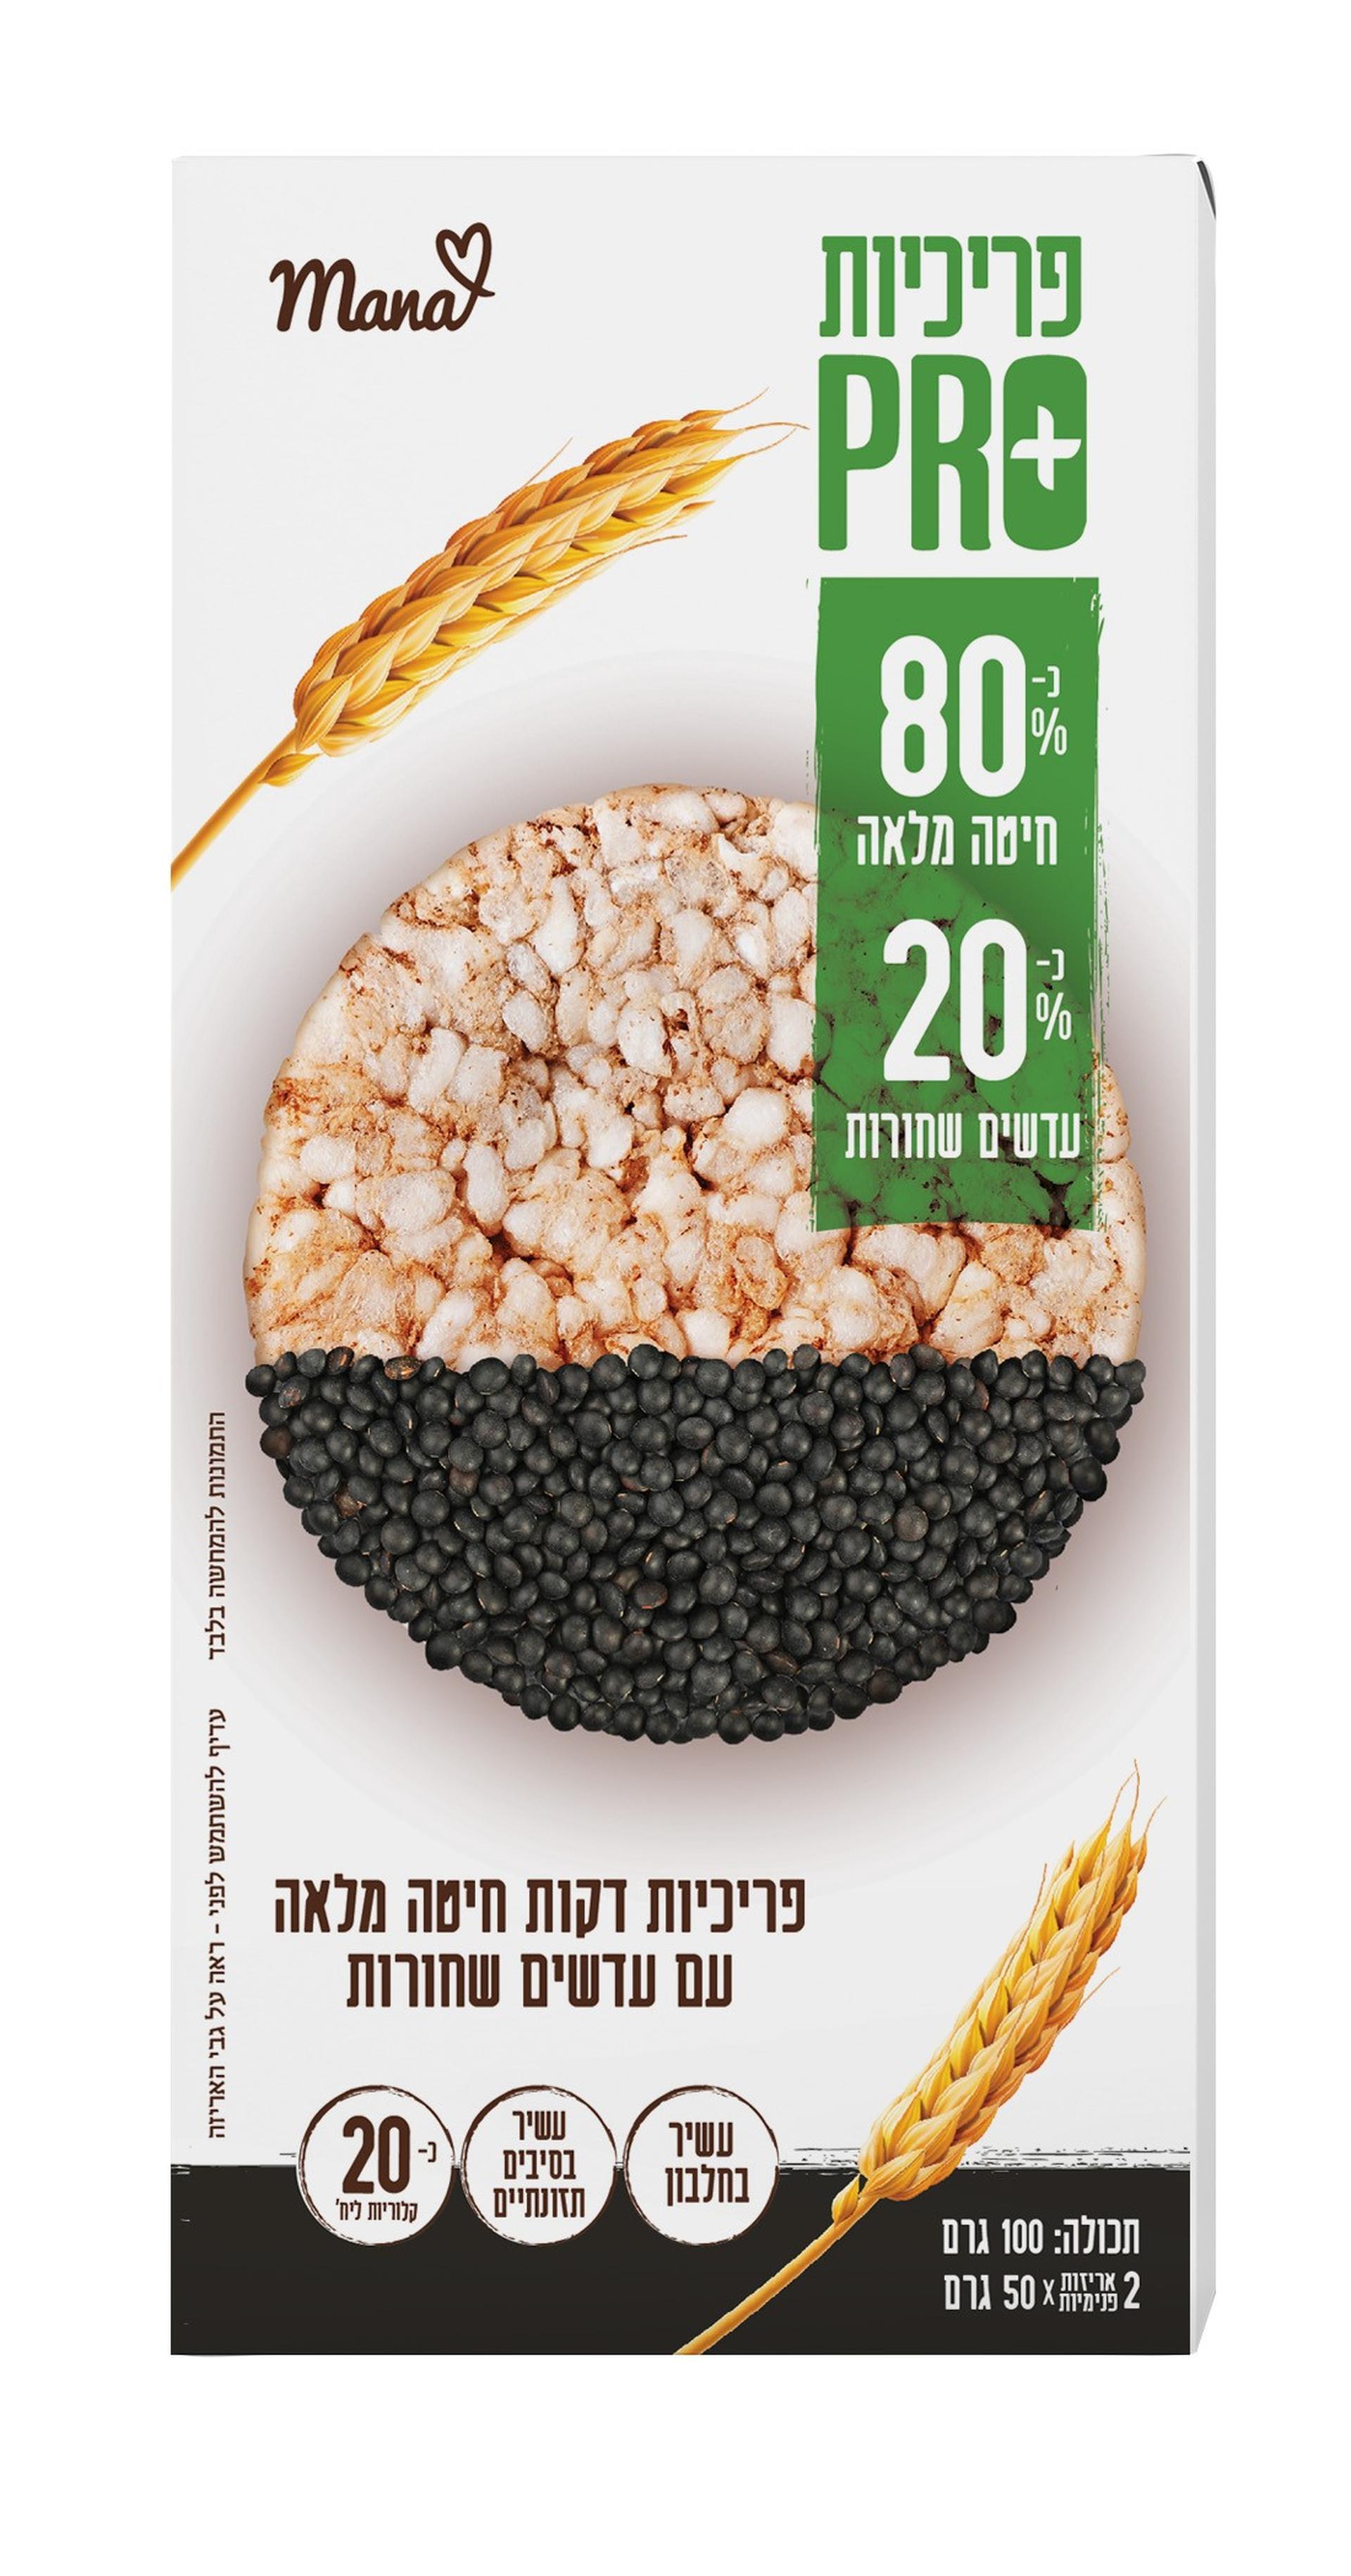 פריכיות מאנה מחיטה מלאה בתוספת עדשים שחורות. צילום: אסף לוי